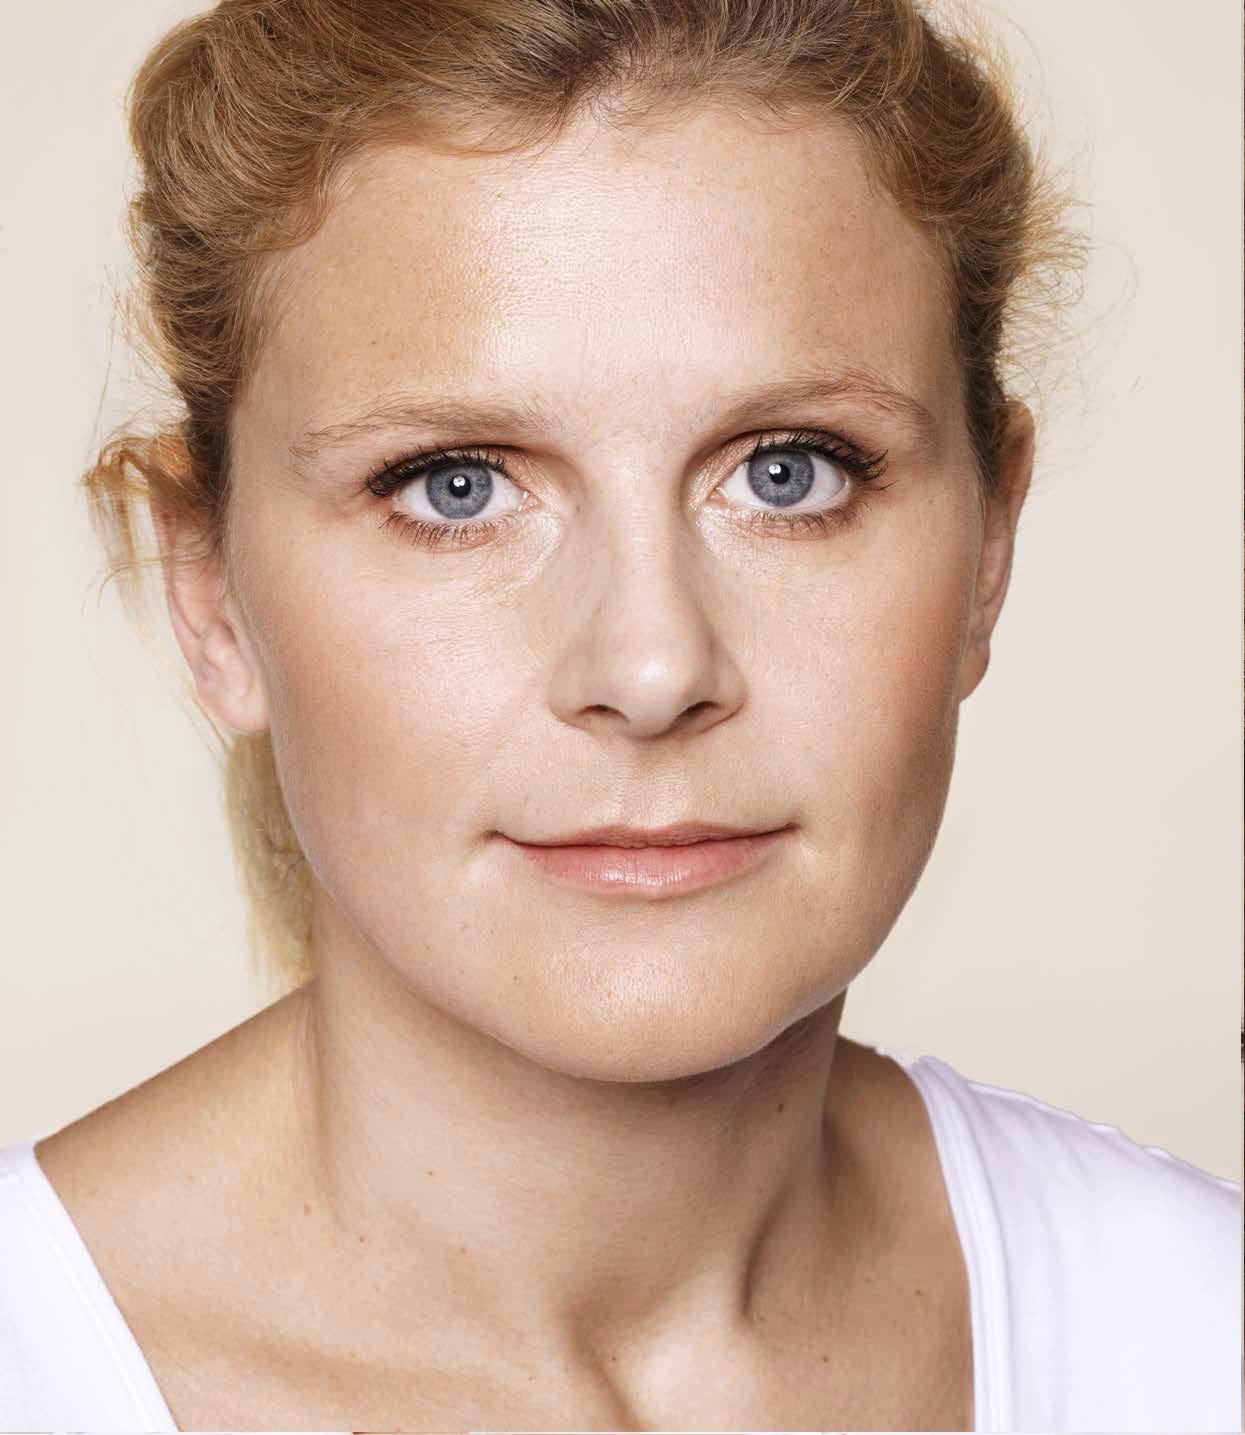 Mujer de edad media después del tratamiento con ácido hialurónico facial